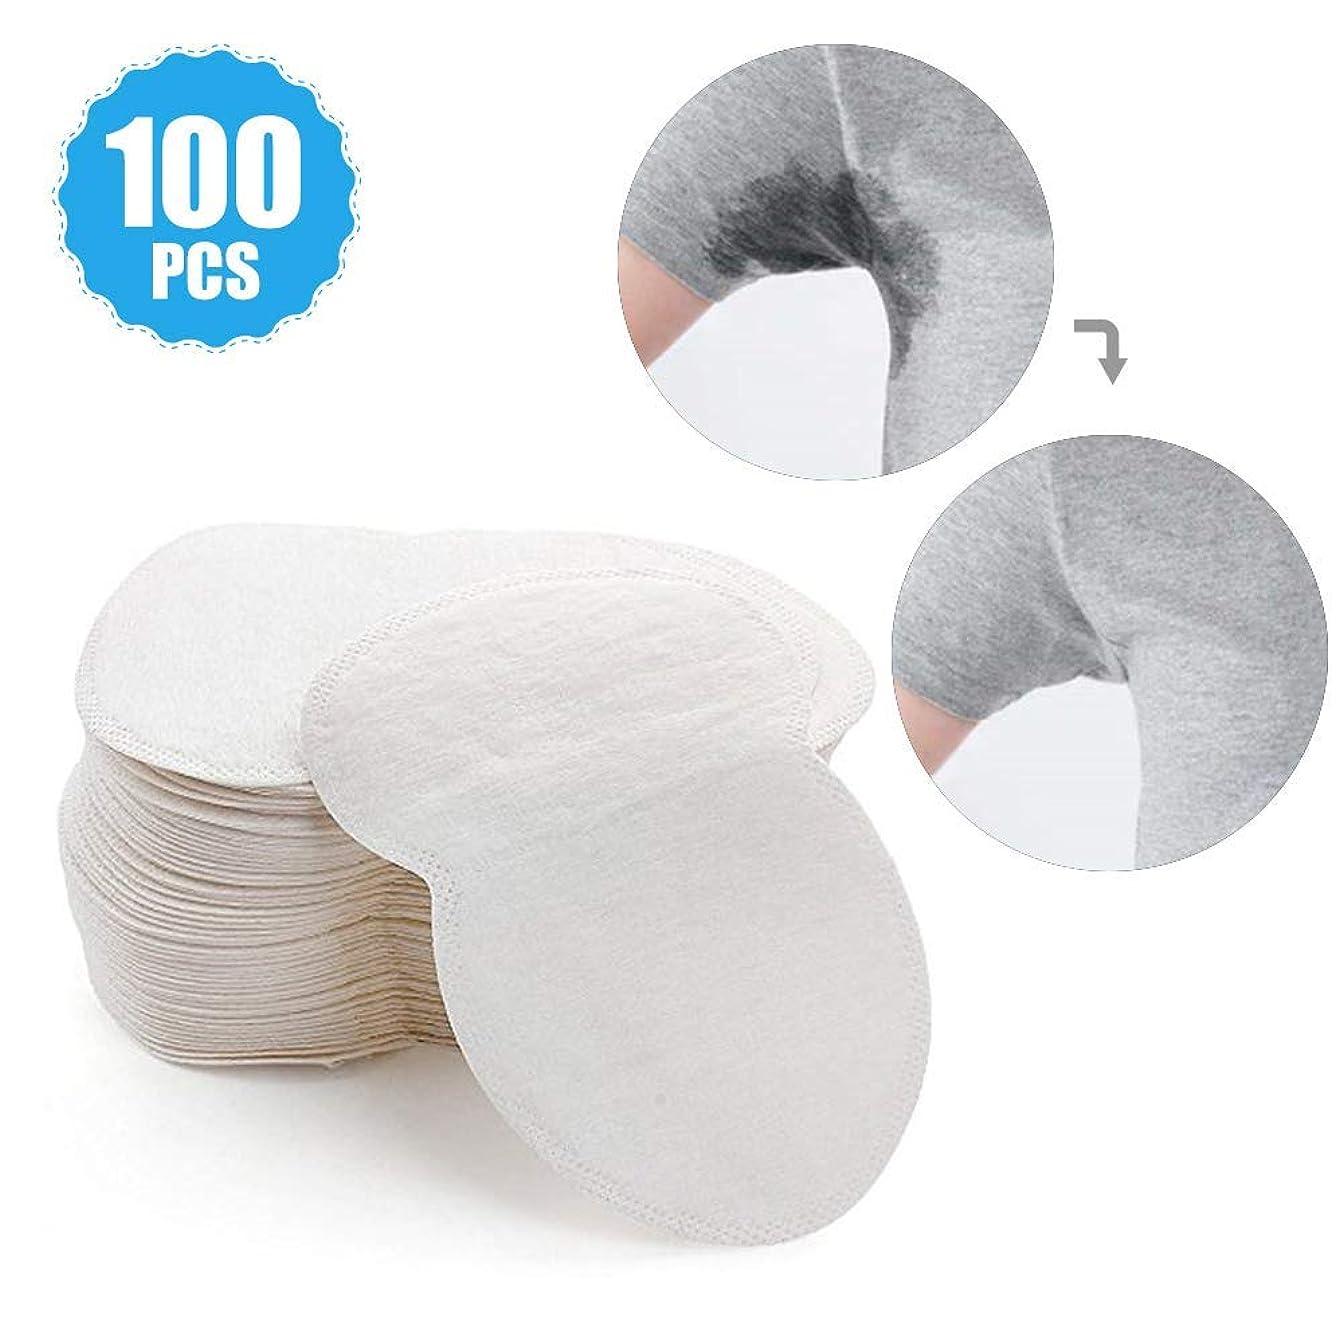 潮好意的より多い100PCS使い捨て汗止めパッド、脇の下シート脇の下シールド制汗剤パッド